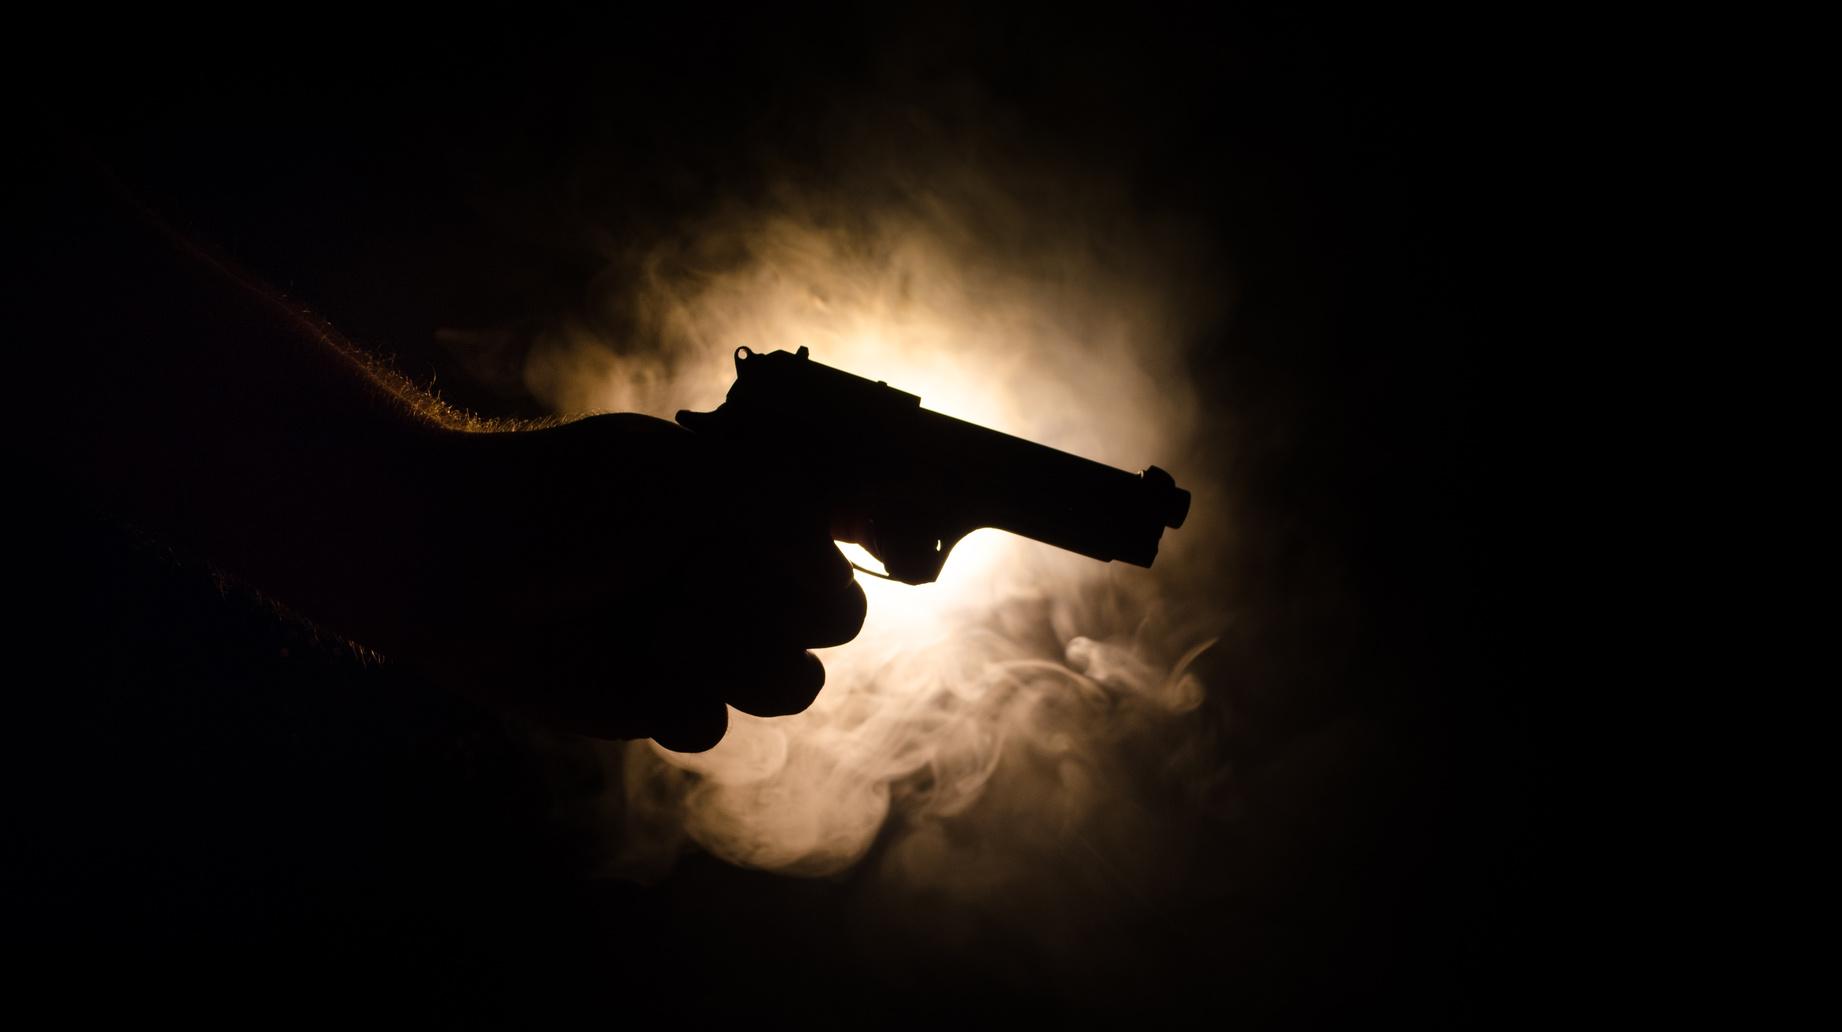 Schrecklicher Unfall: Vater erschießt versehentlich eigene Tochter